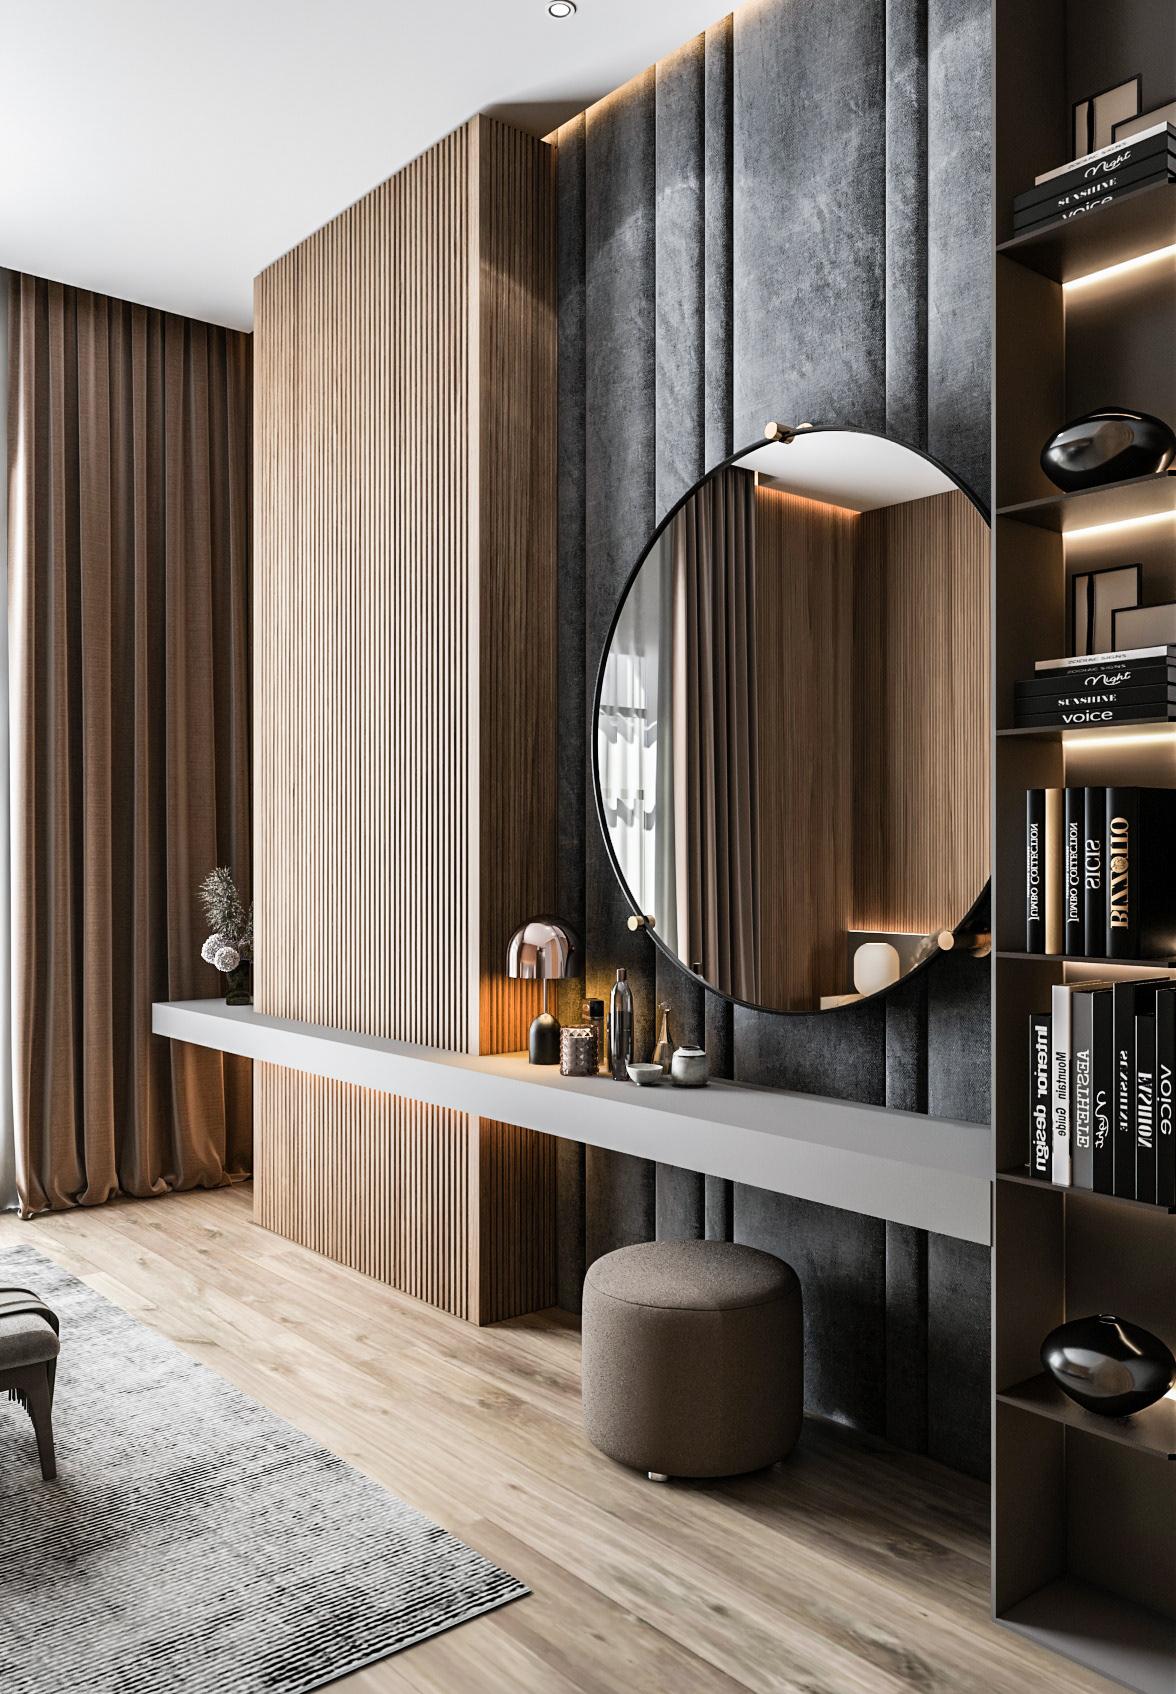 Tư vấn thiết kế nhà cấp 4 diện tích 60m² theo phong cách tối giản chi phí chỉ 150 triệu - Ảnh 7.